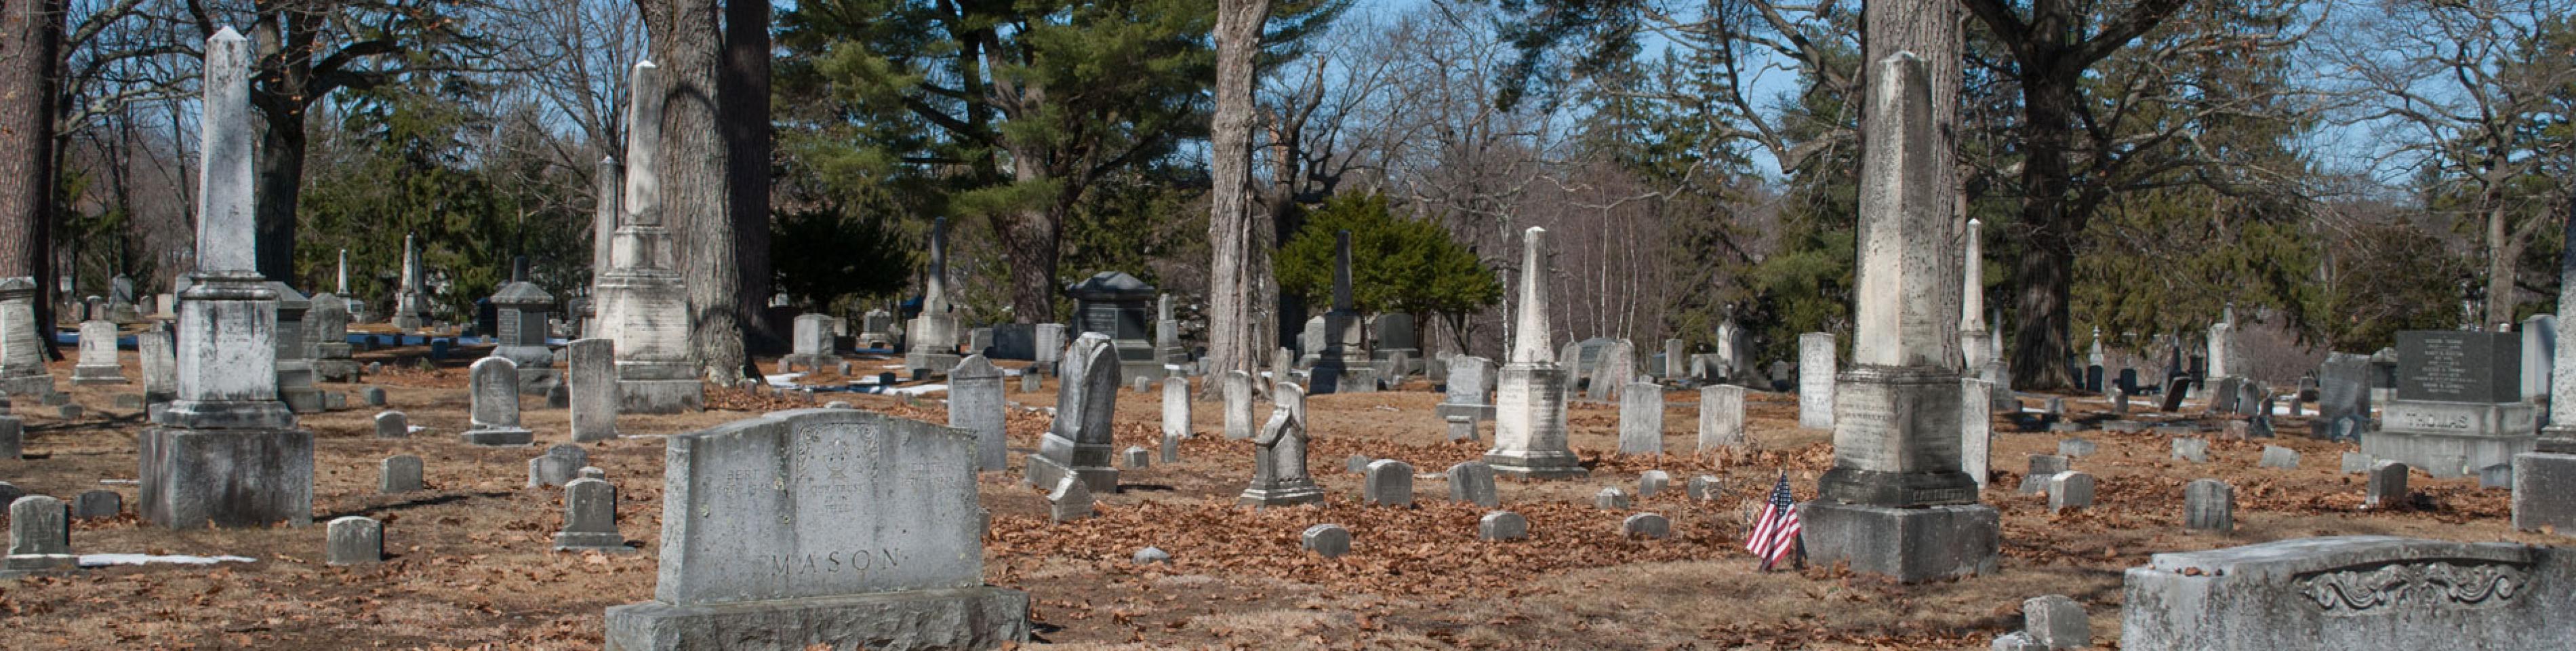 keene cemetery